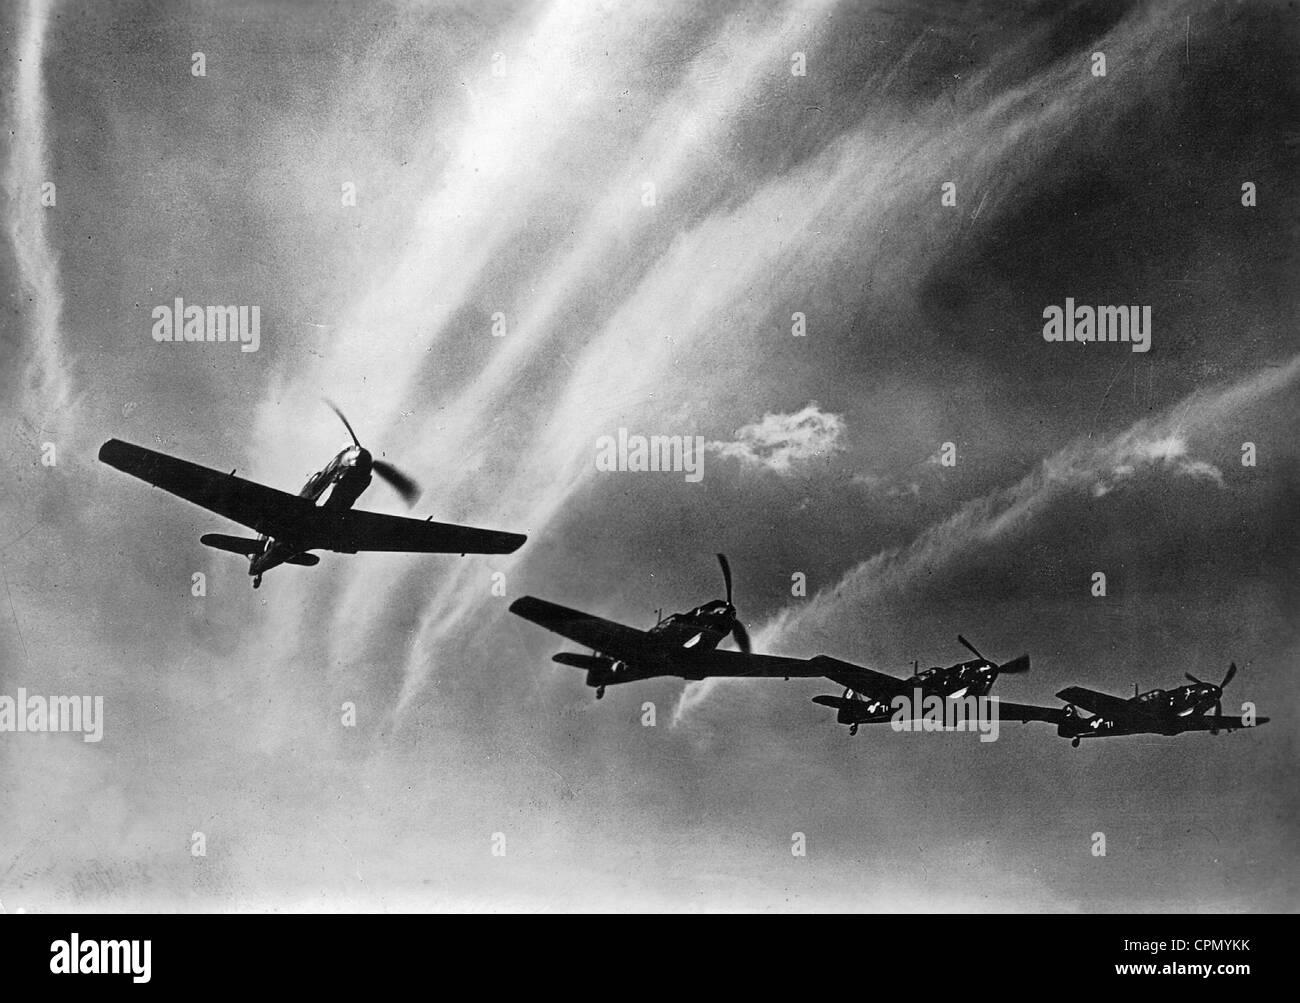 Messerschmitt Me 109 Planes, 1940 - Stock Image